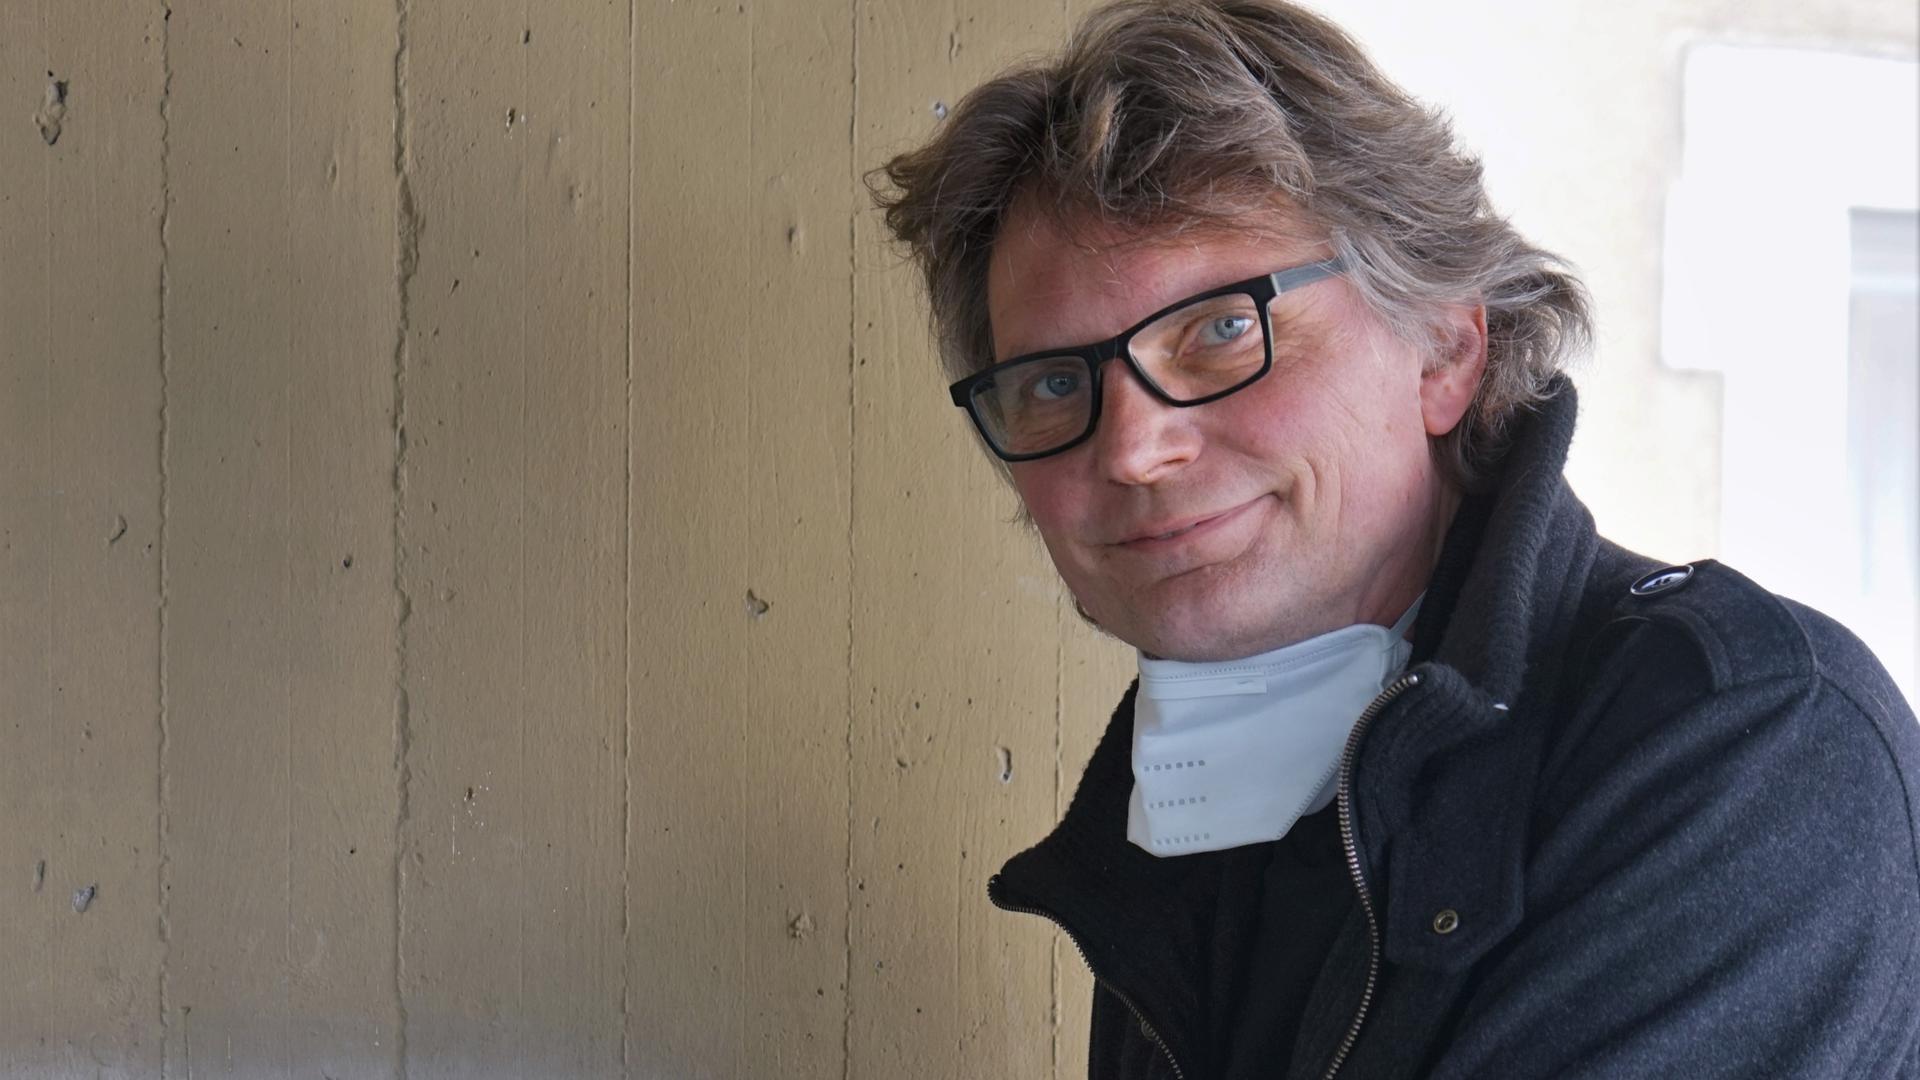 Hat seine Stimme bereits am Mittwoch per Briefwahl abgegeben: Thomas Hentschel von den Grünen erhält das Direktmandat im Wahlkreis Rastatt.